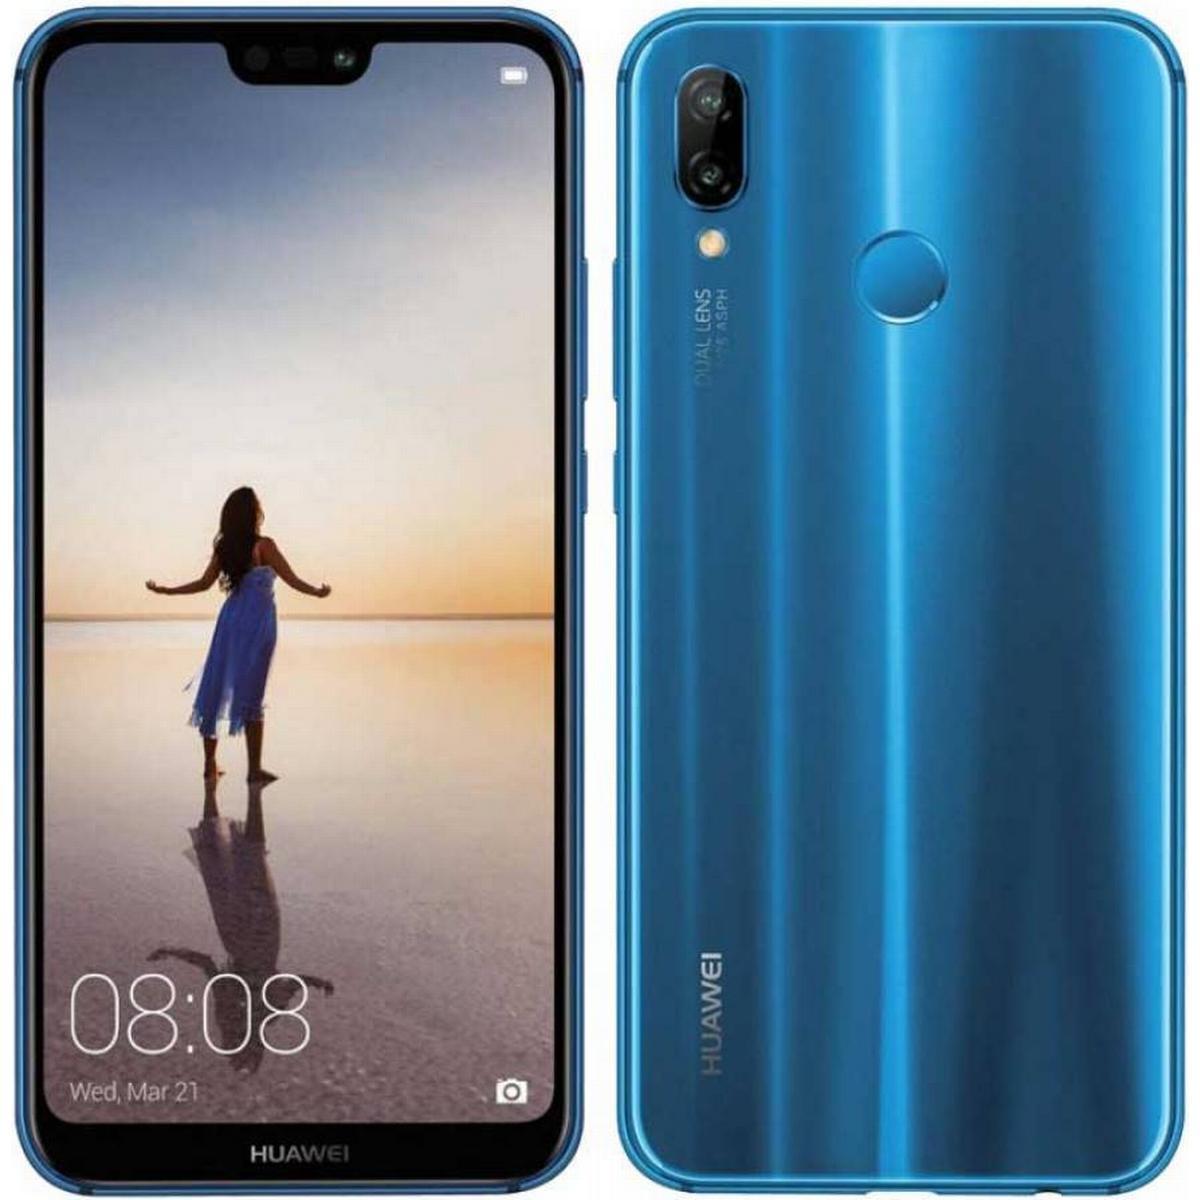 Afholte Huawei mobil - Sammenlign priser på Huawei telefoner - PriceRunner WQ-03